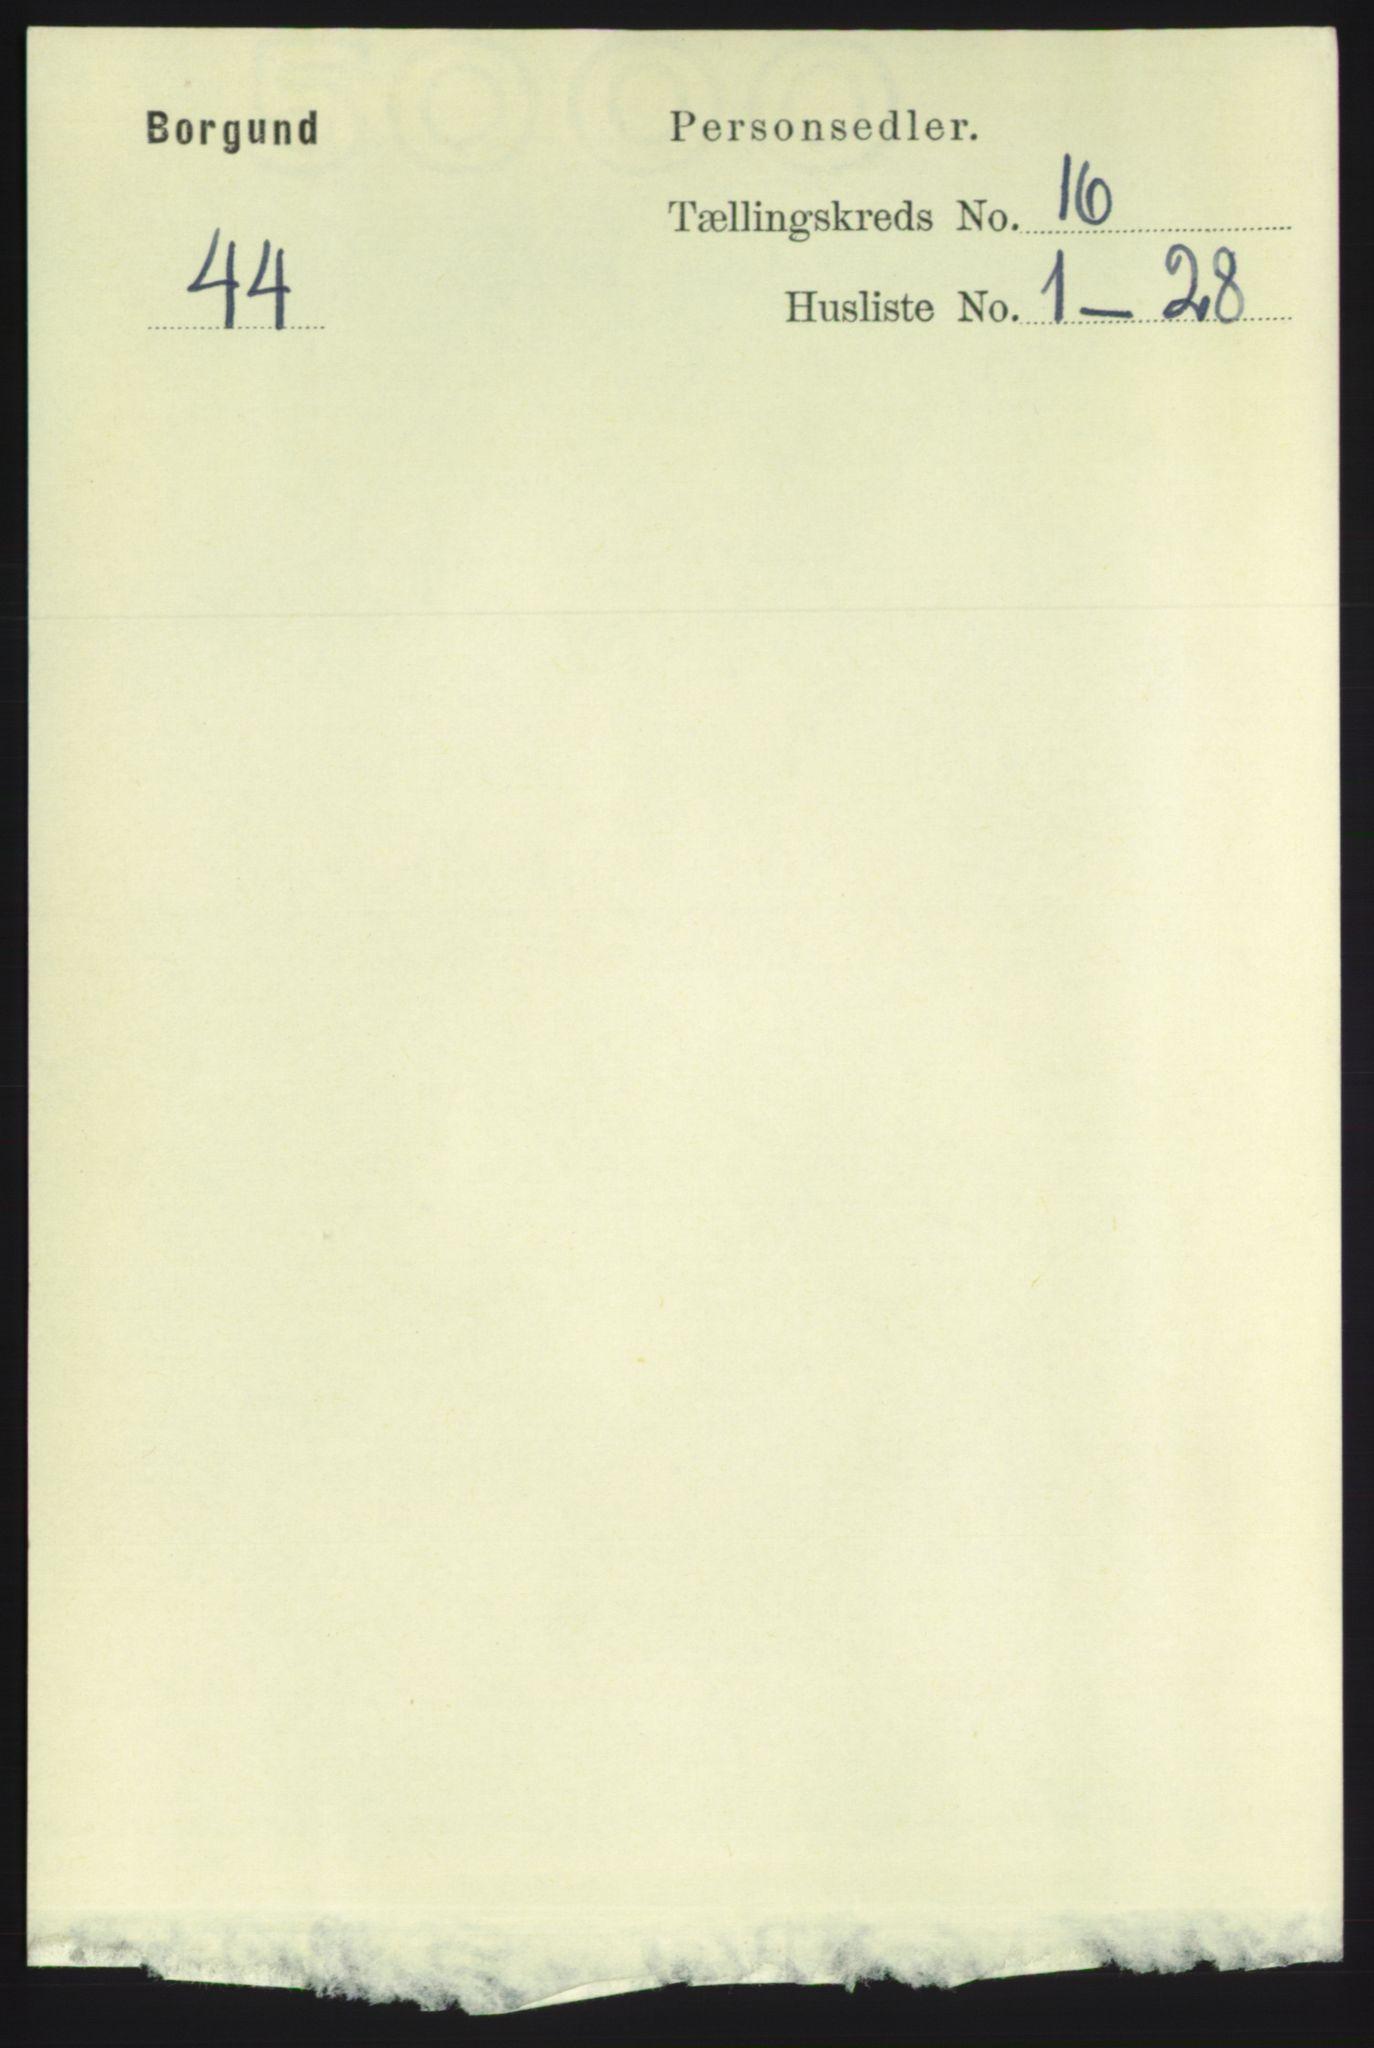 RA, Folketelling 1891 for 1531 Borgund herred, 1891, s. 4772